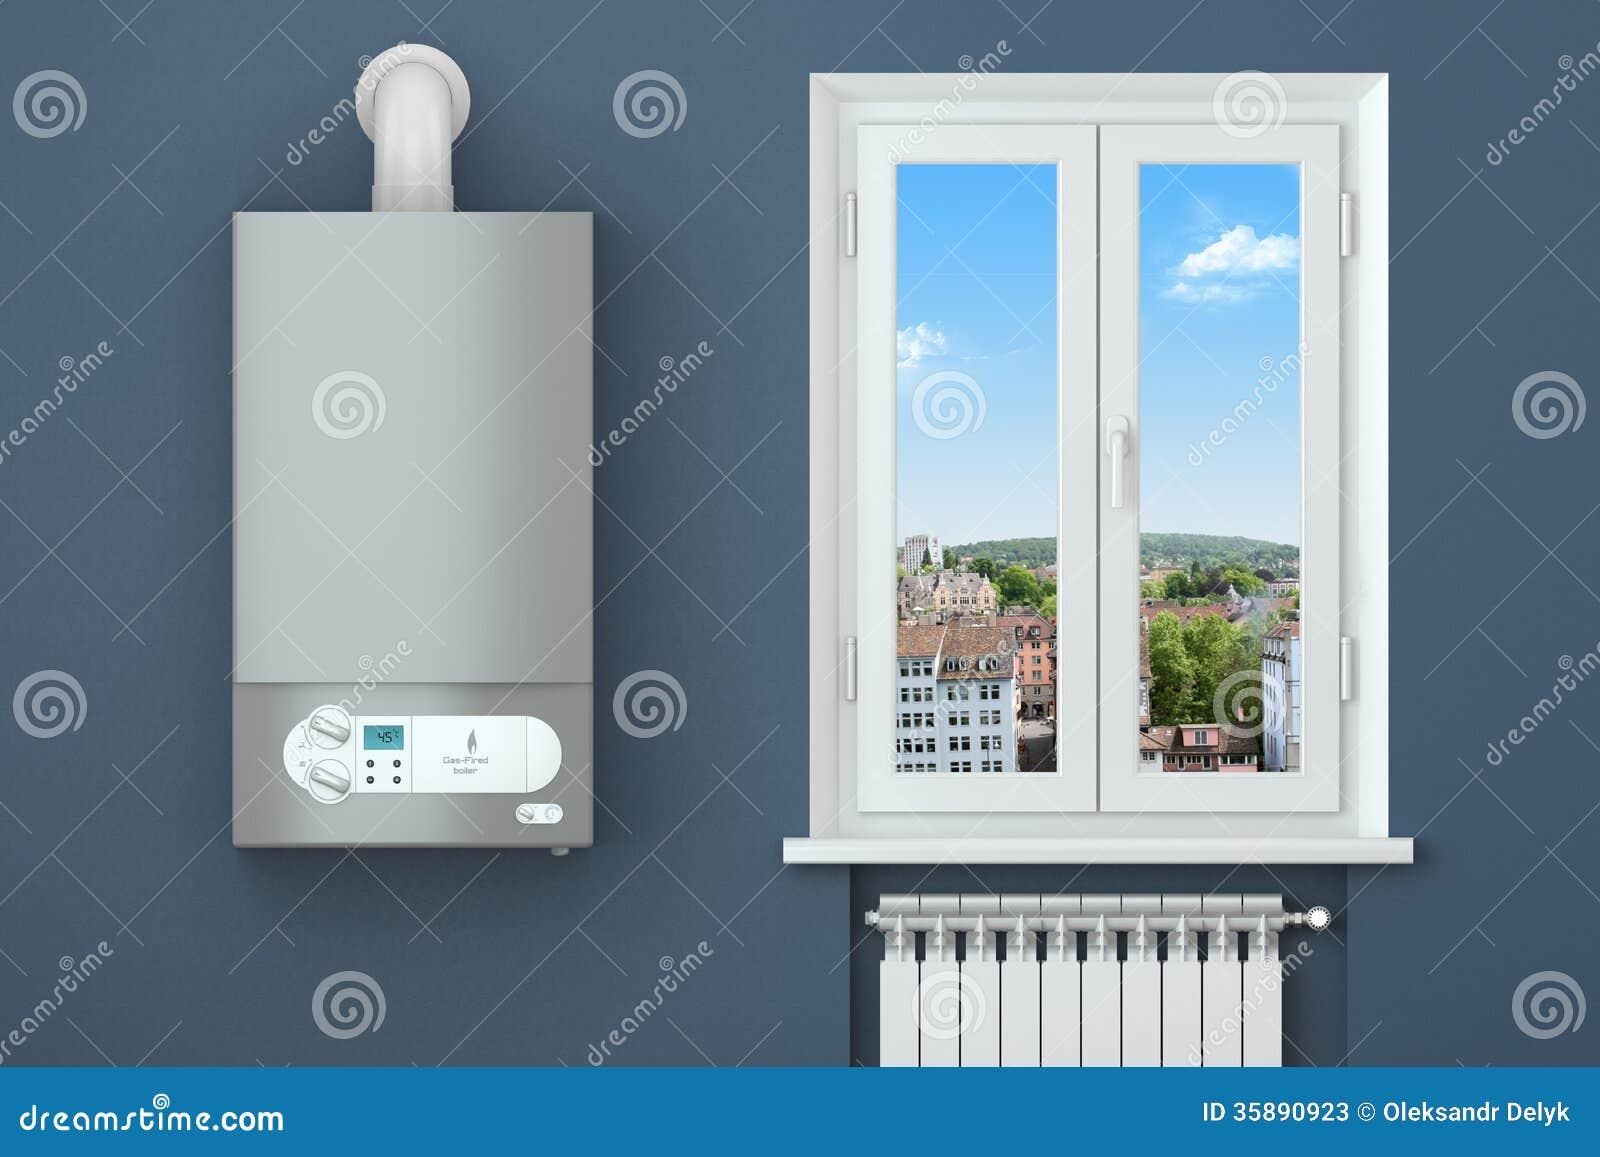 Casa de la calefacción. Caldera de gas, ventana, radiador de calefacción.